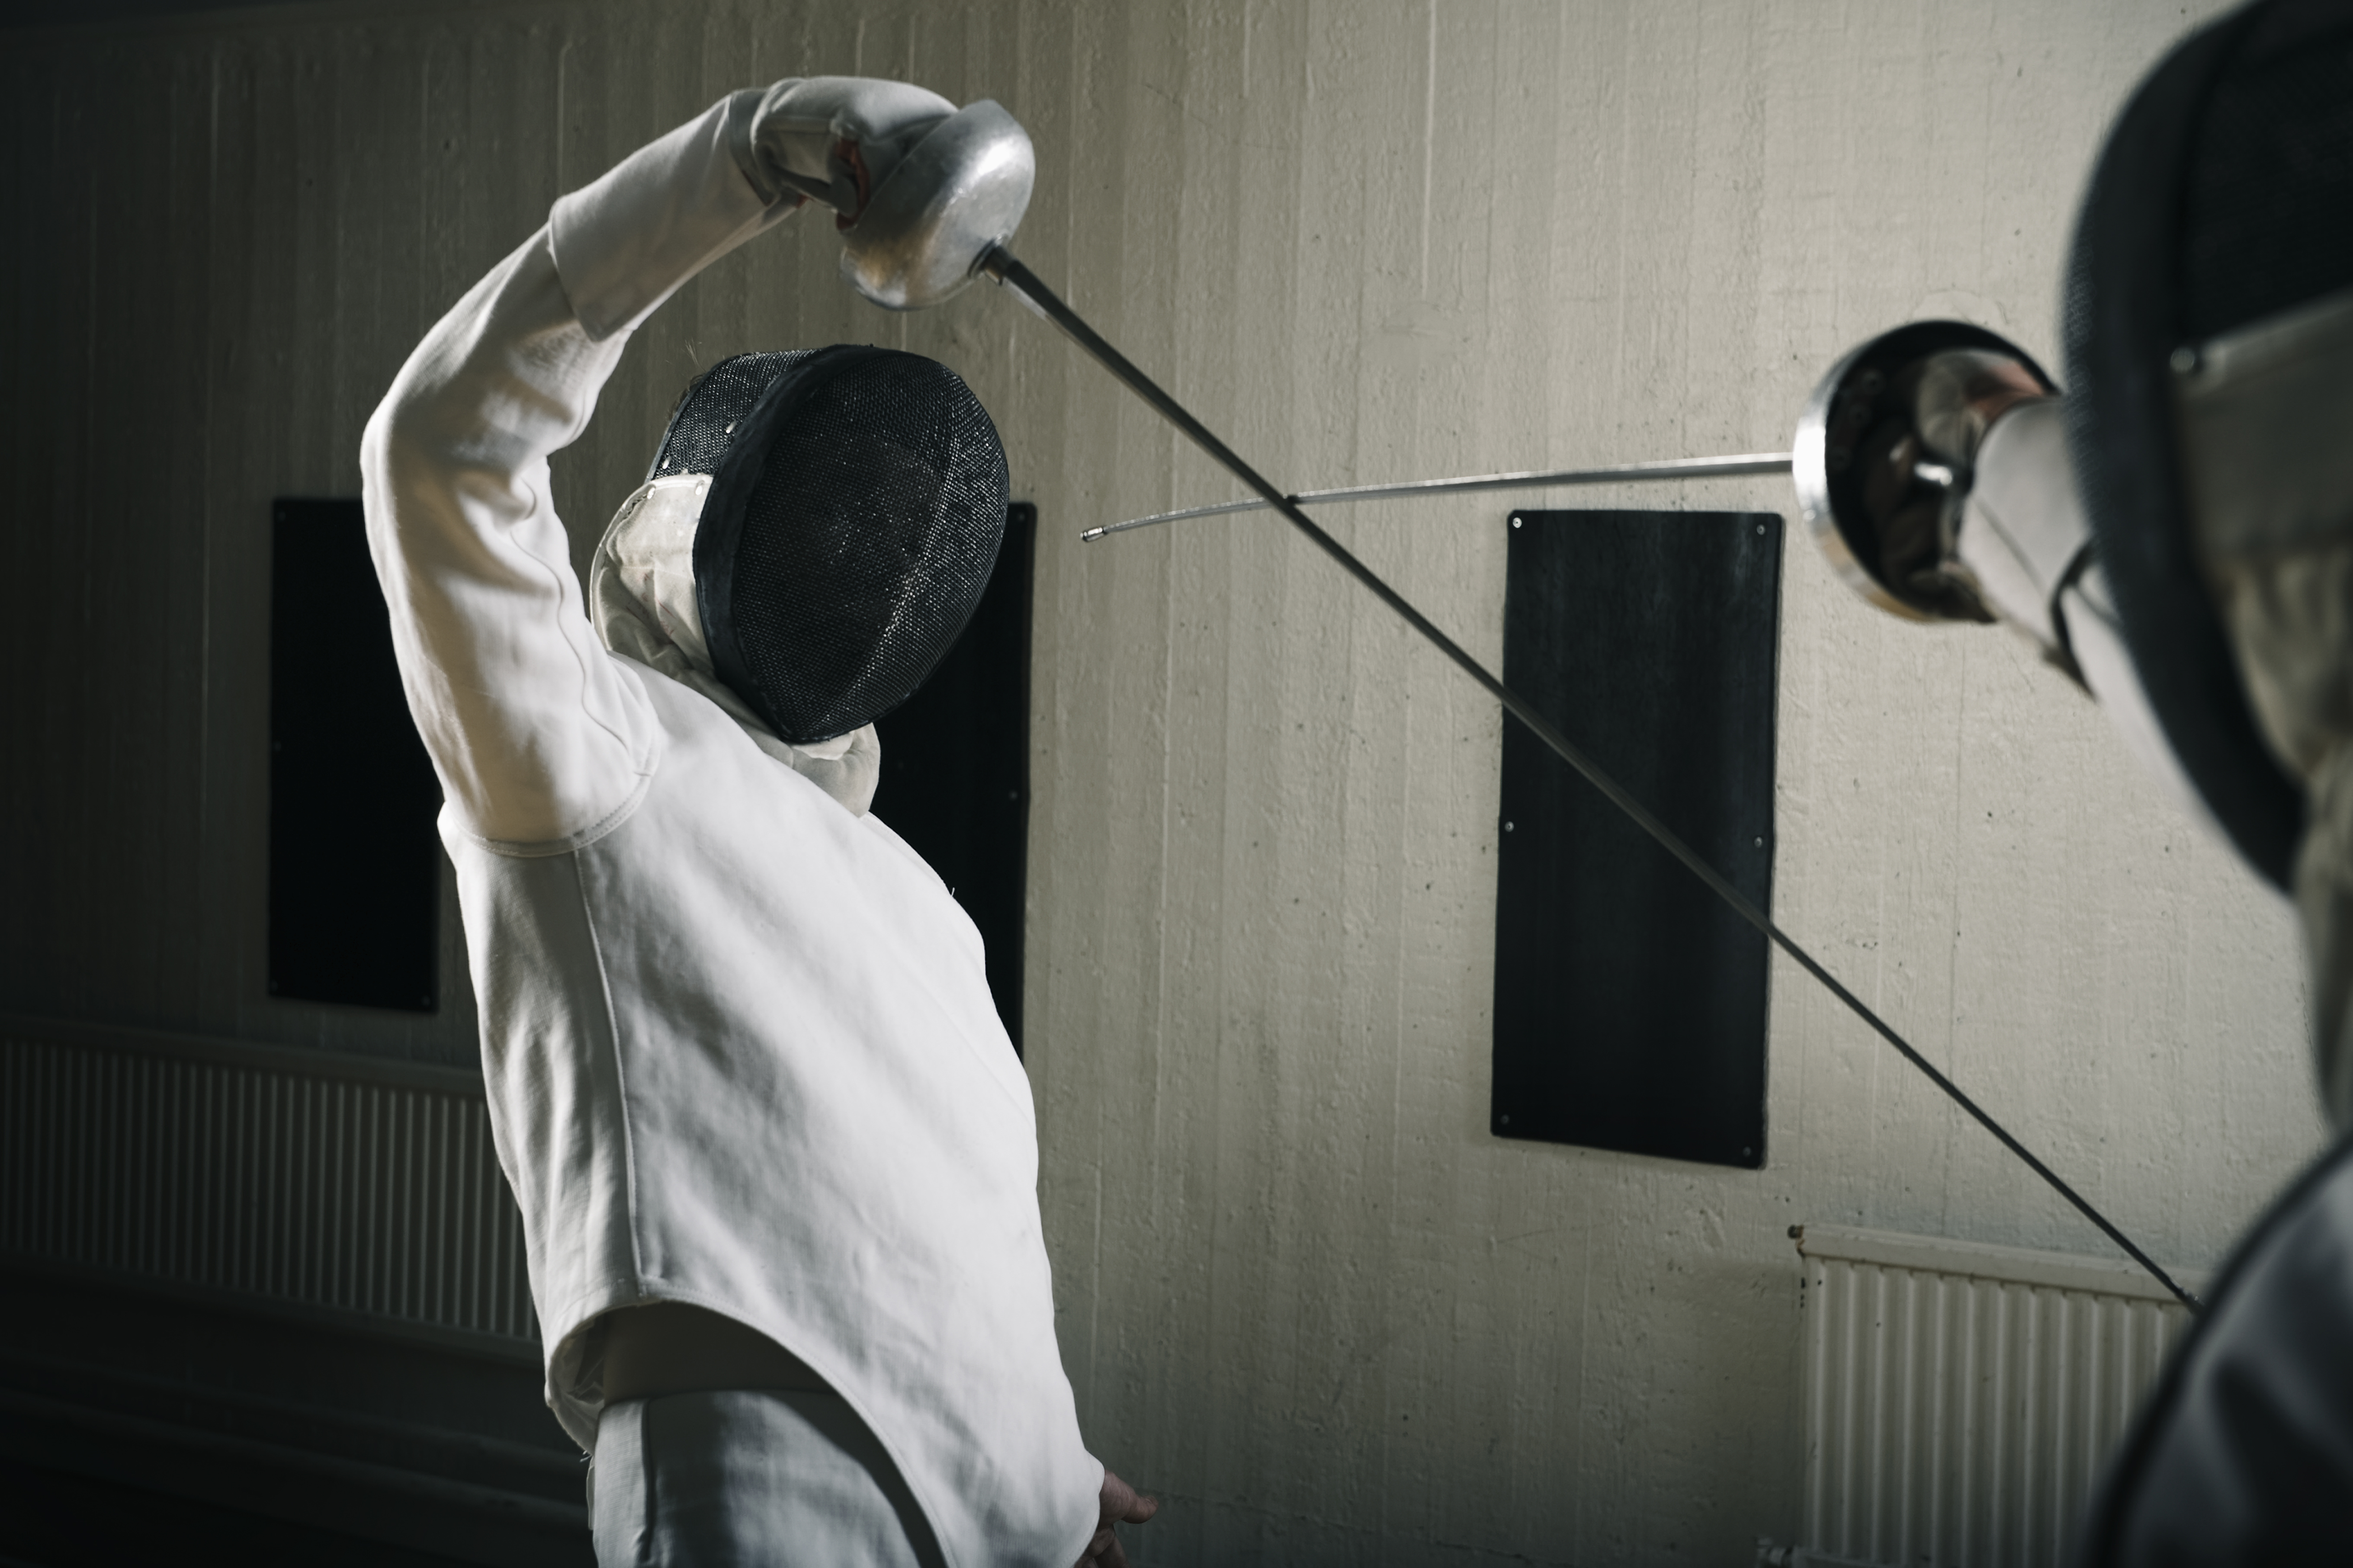 Fencers in combat